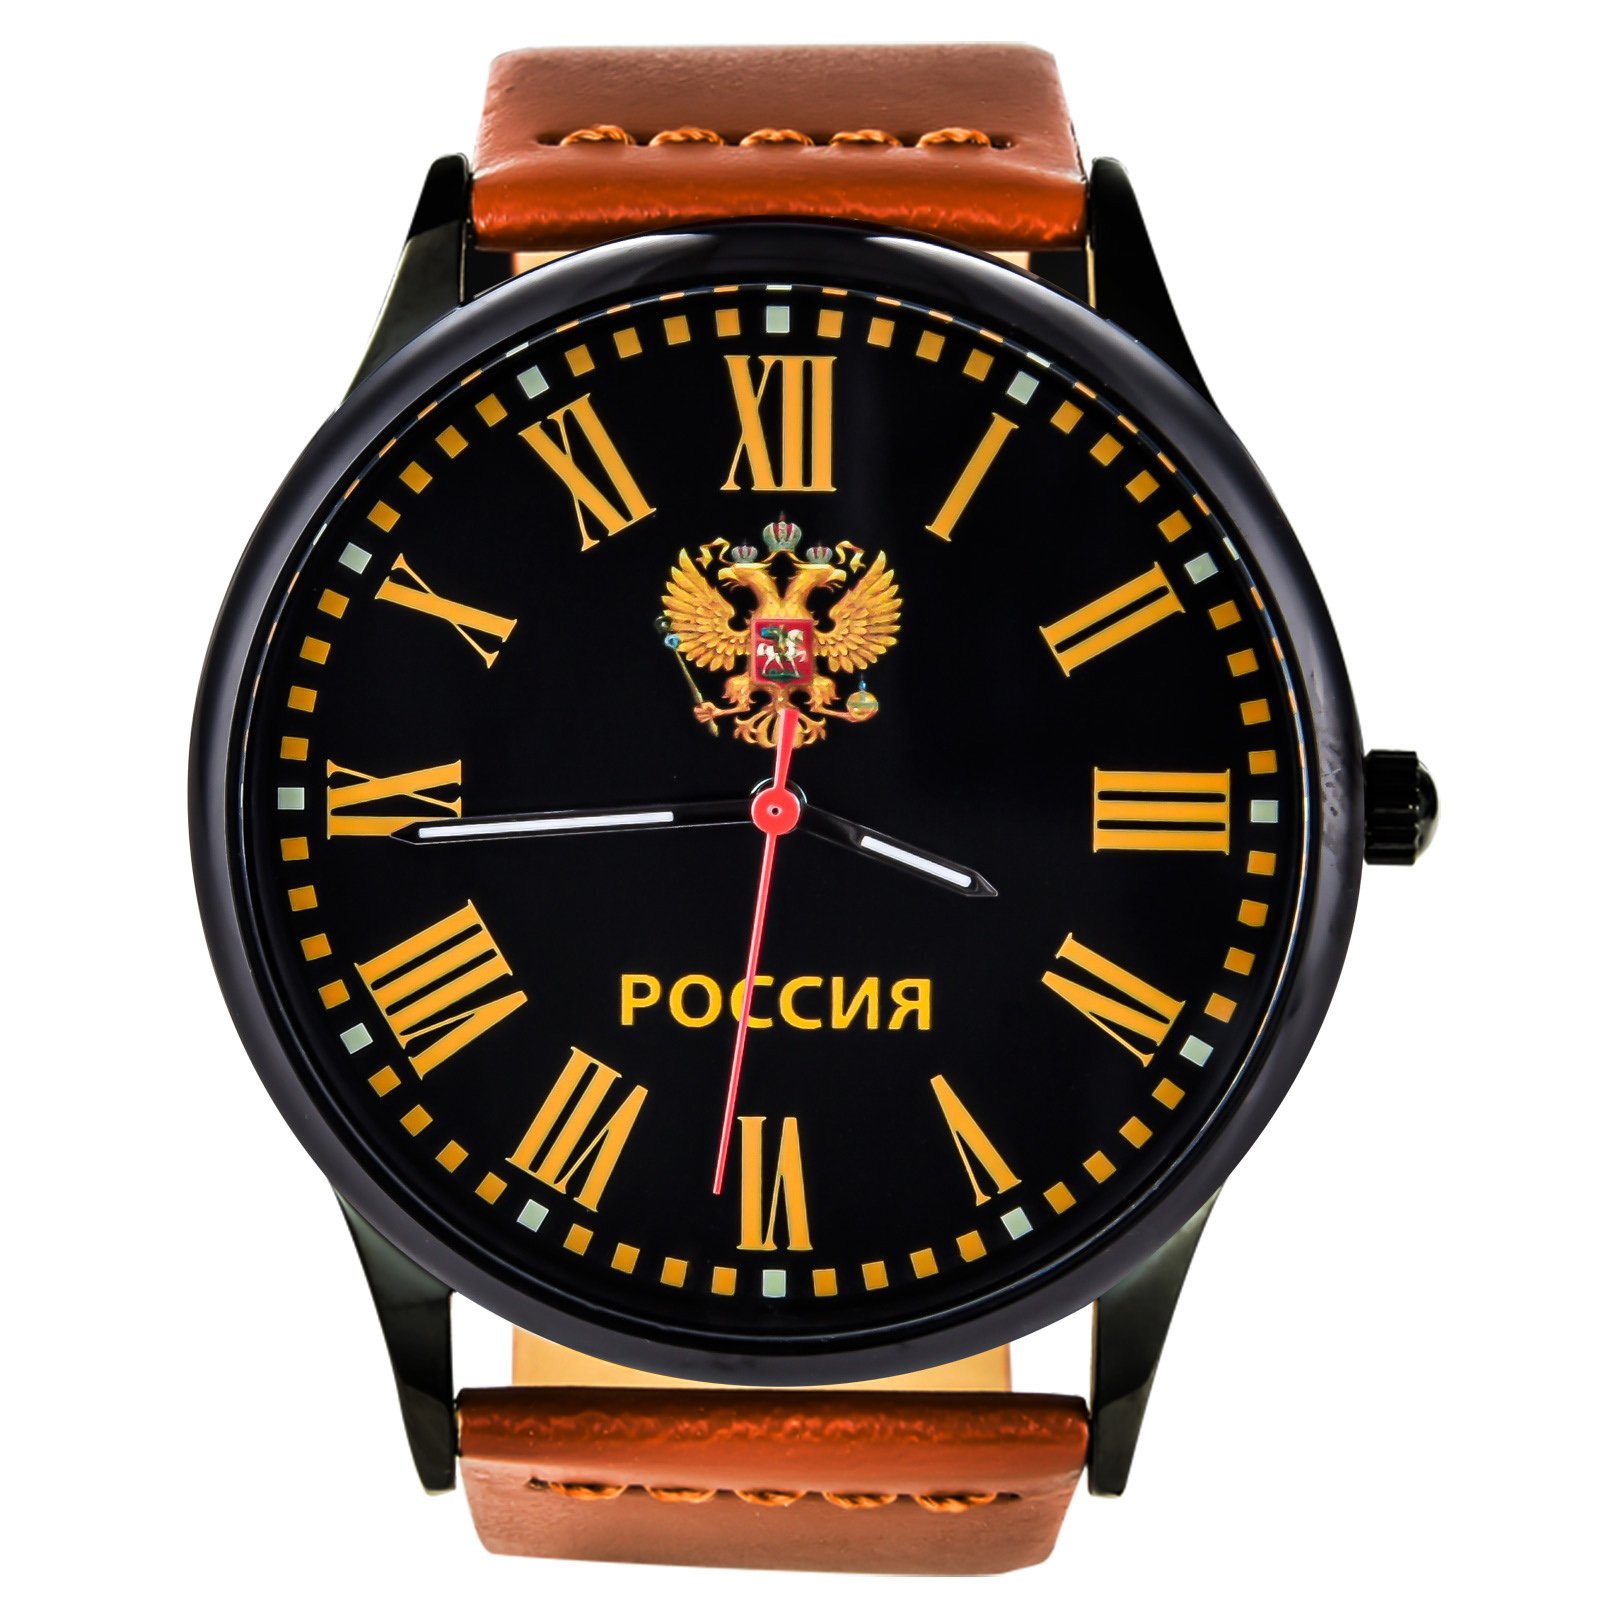 Командирские часы Россия купить в Военпро